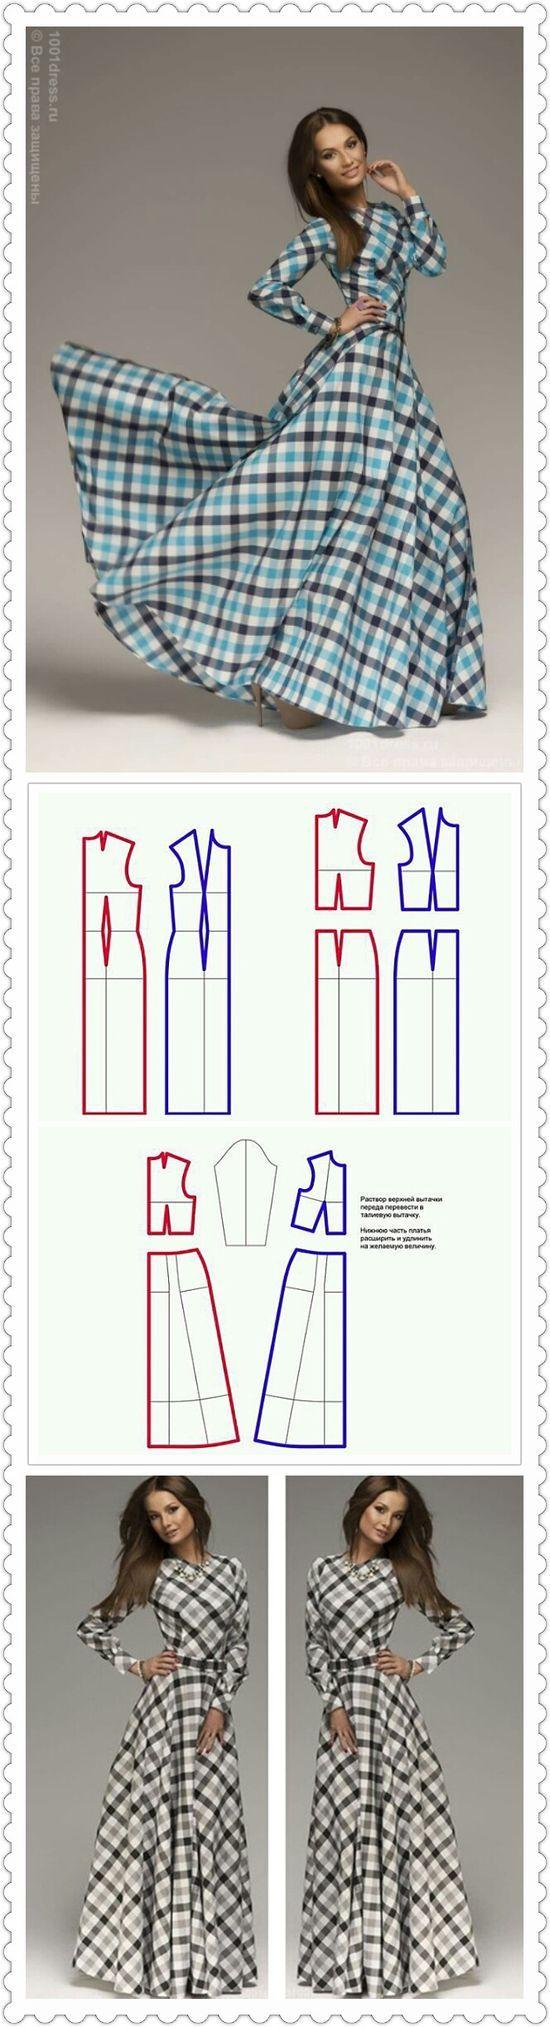 089b68ae6f2381586a6f7d7f49415aac.jpg (550×2027) (Ropa Diy Ideas)